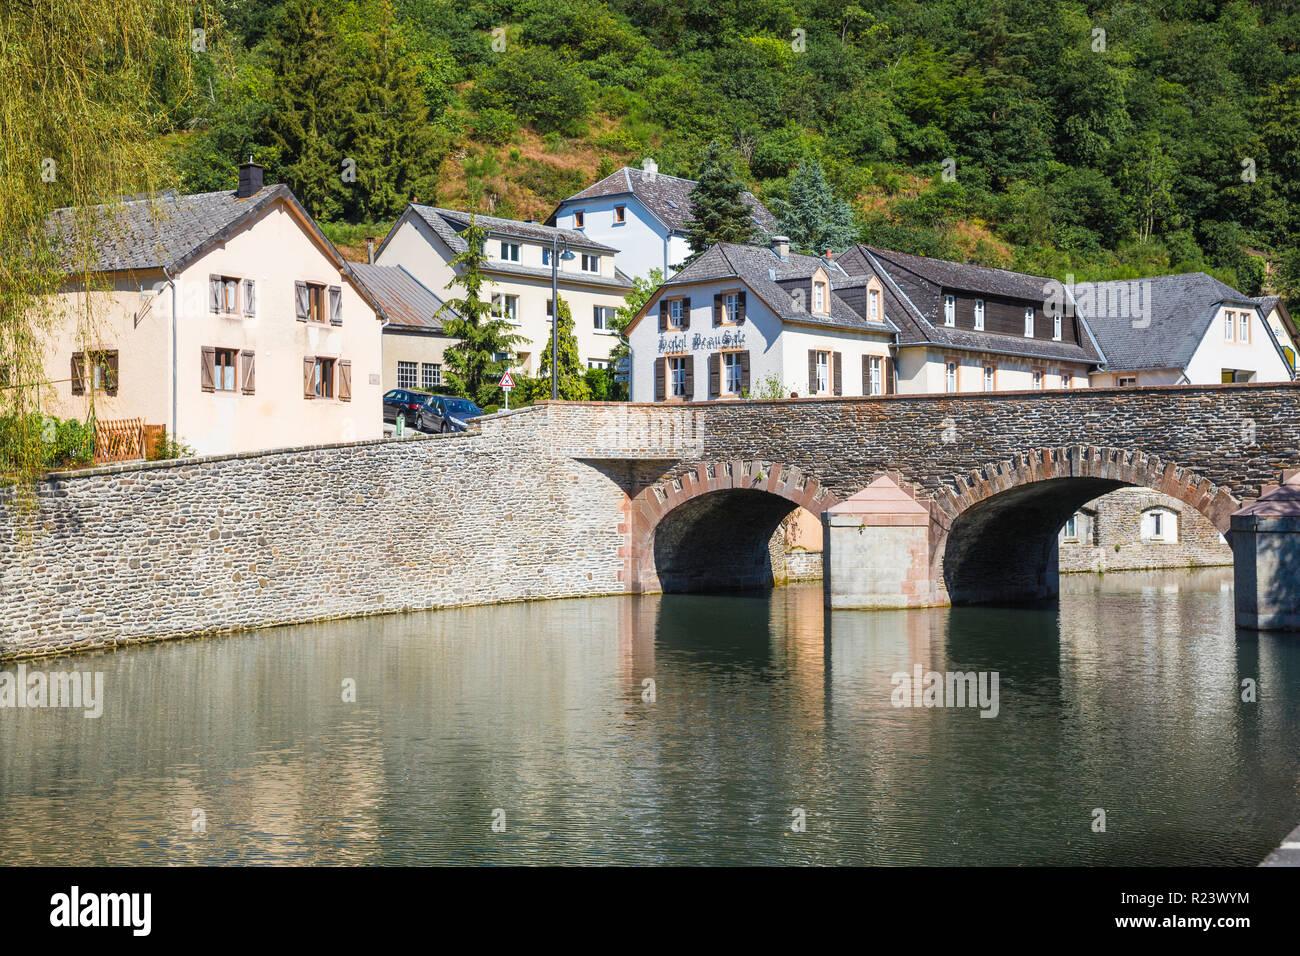 Pont de pierre sur la rivière Sûre, Esch-sur-Sûre, Luxembourg, Europe Photo Stock